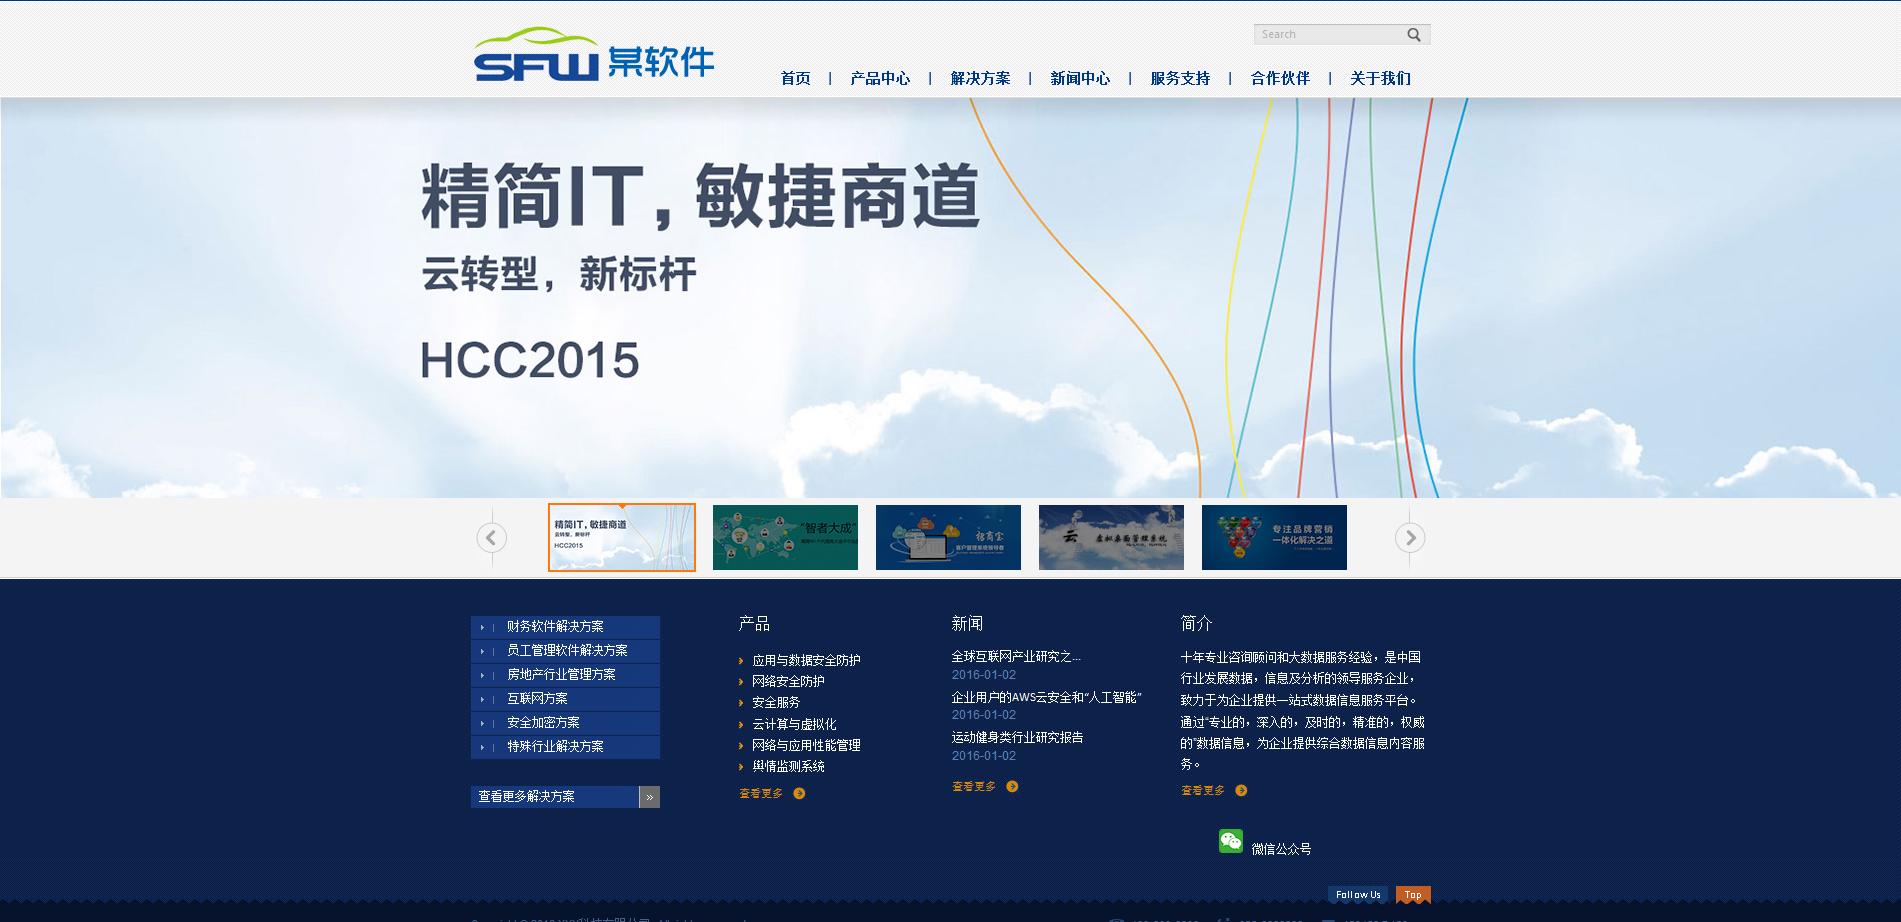 蓝色软件科技企业网站全套html网页模板下载